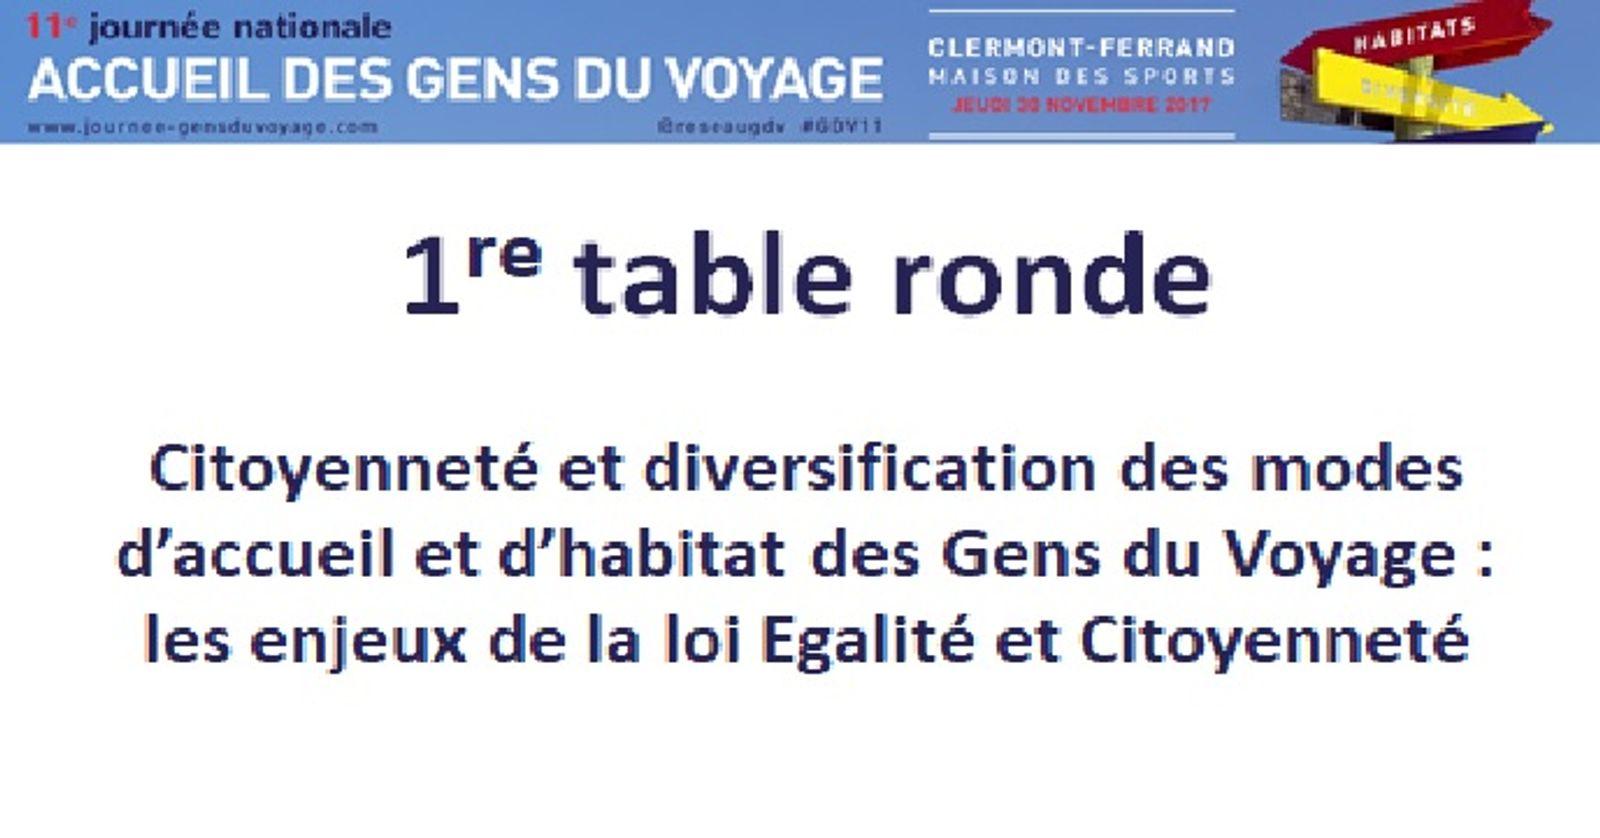 11eme Journée Nationale des Gens du voyage   Première table ronde